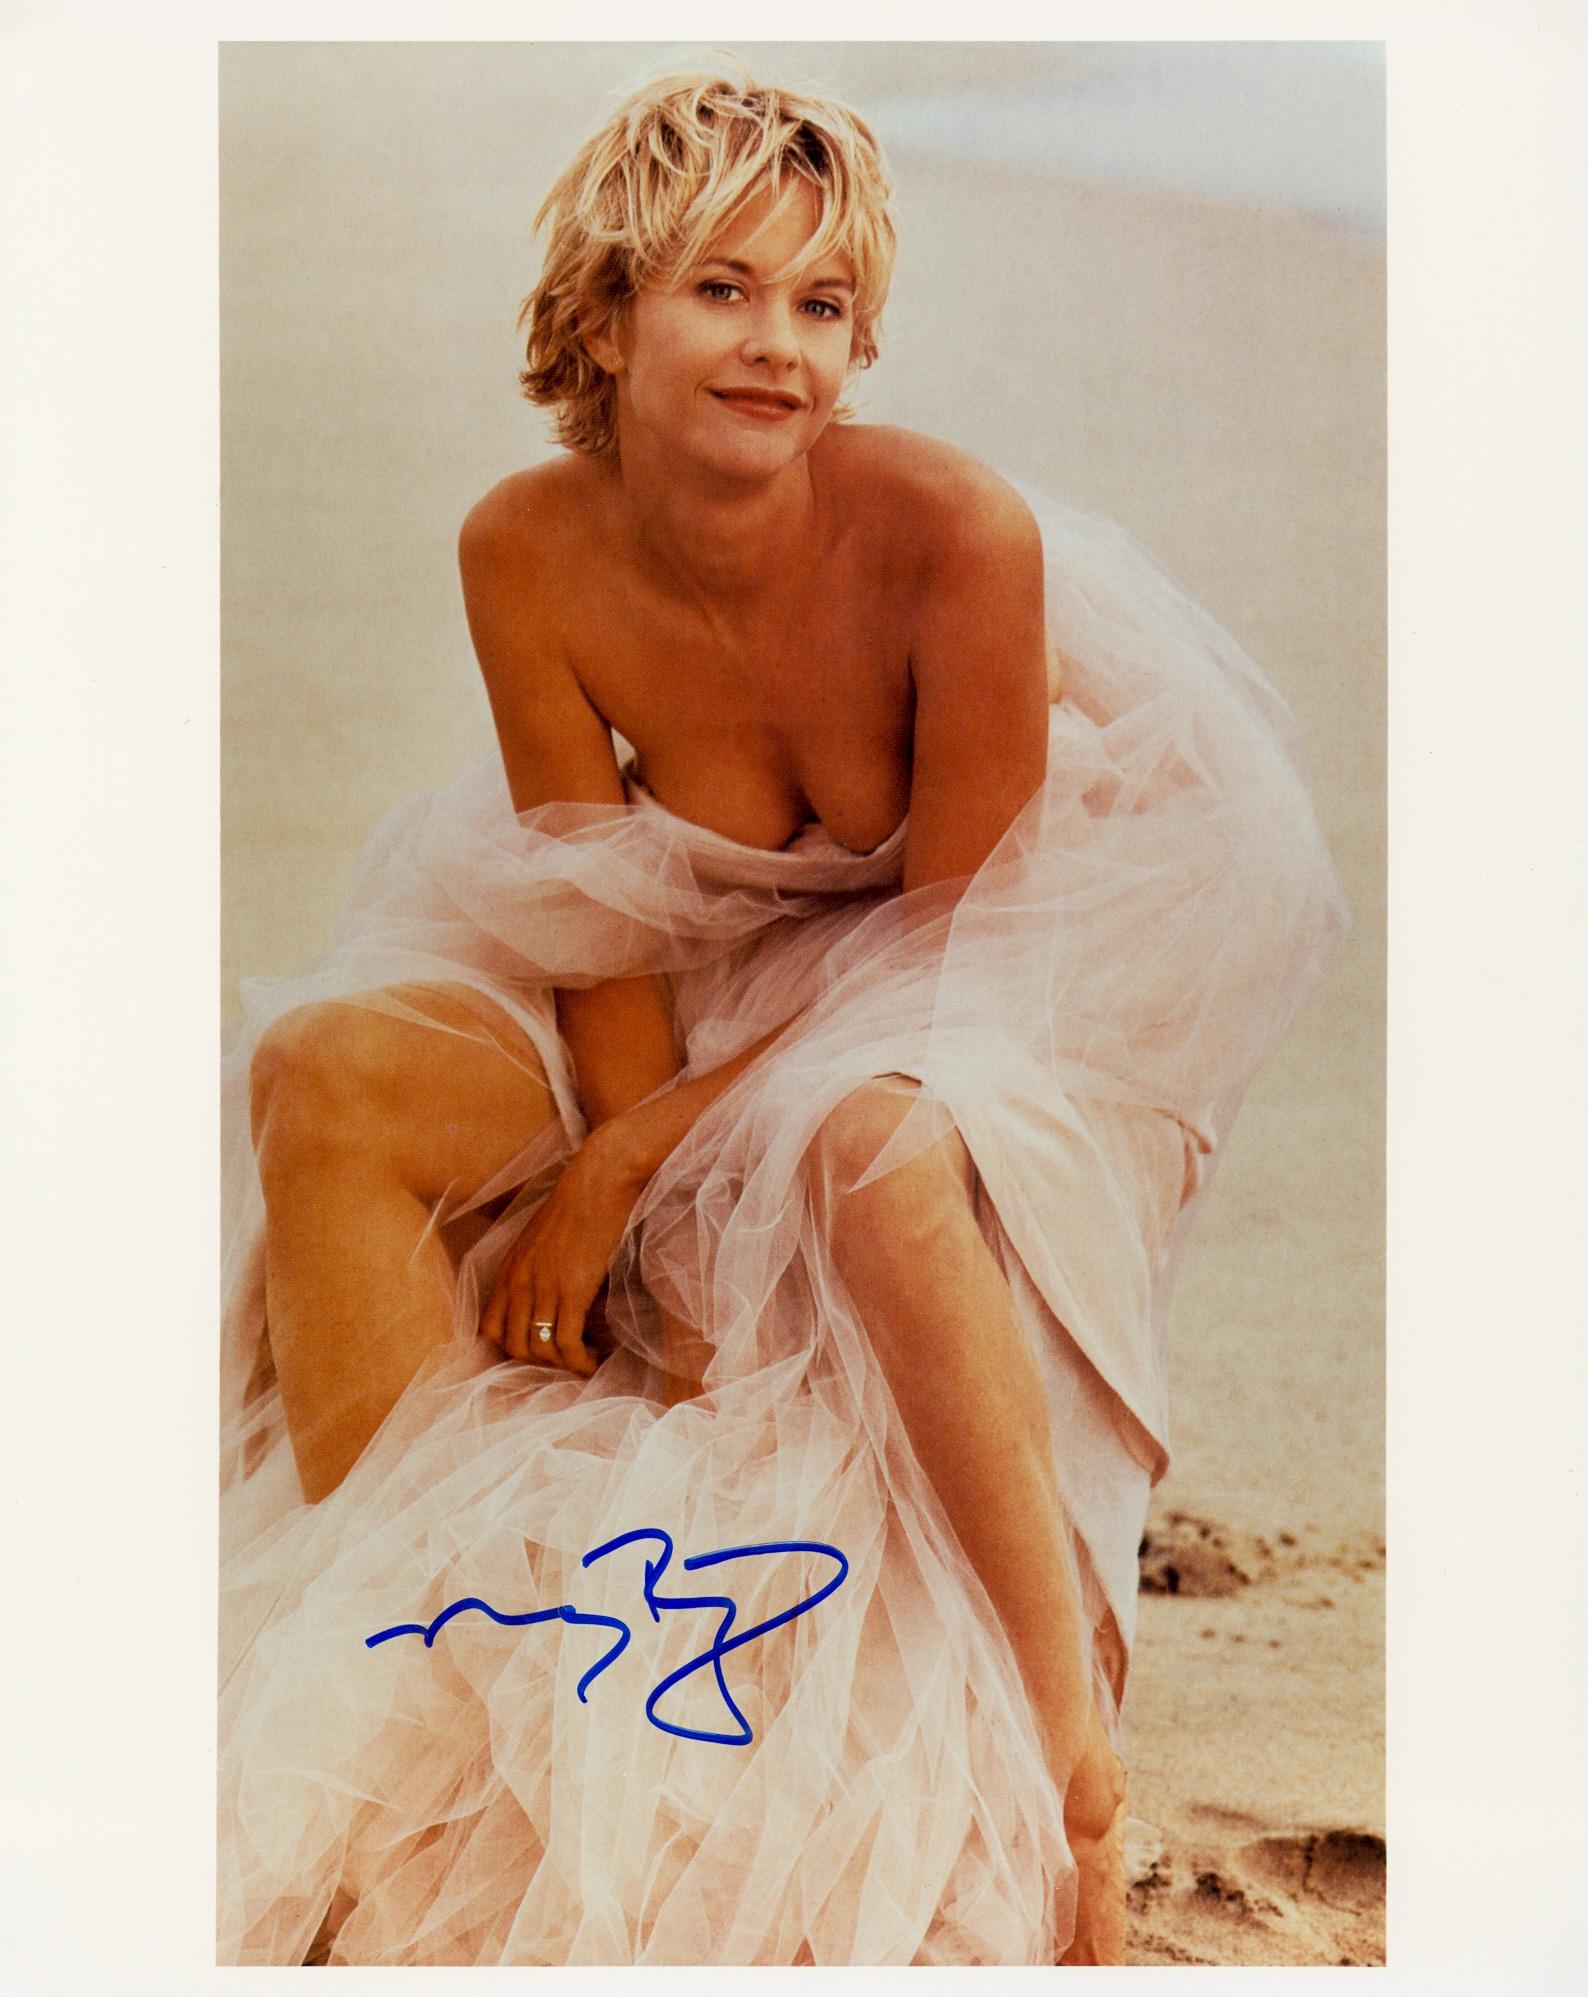 Lot 36 - SARANDON SUSAN: (1946- ) American Actres